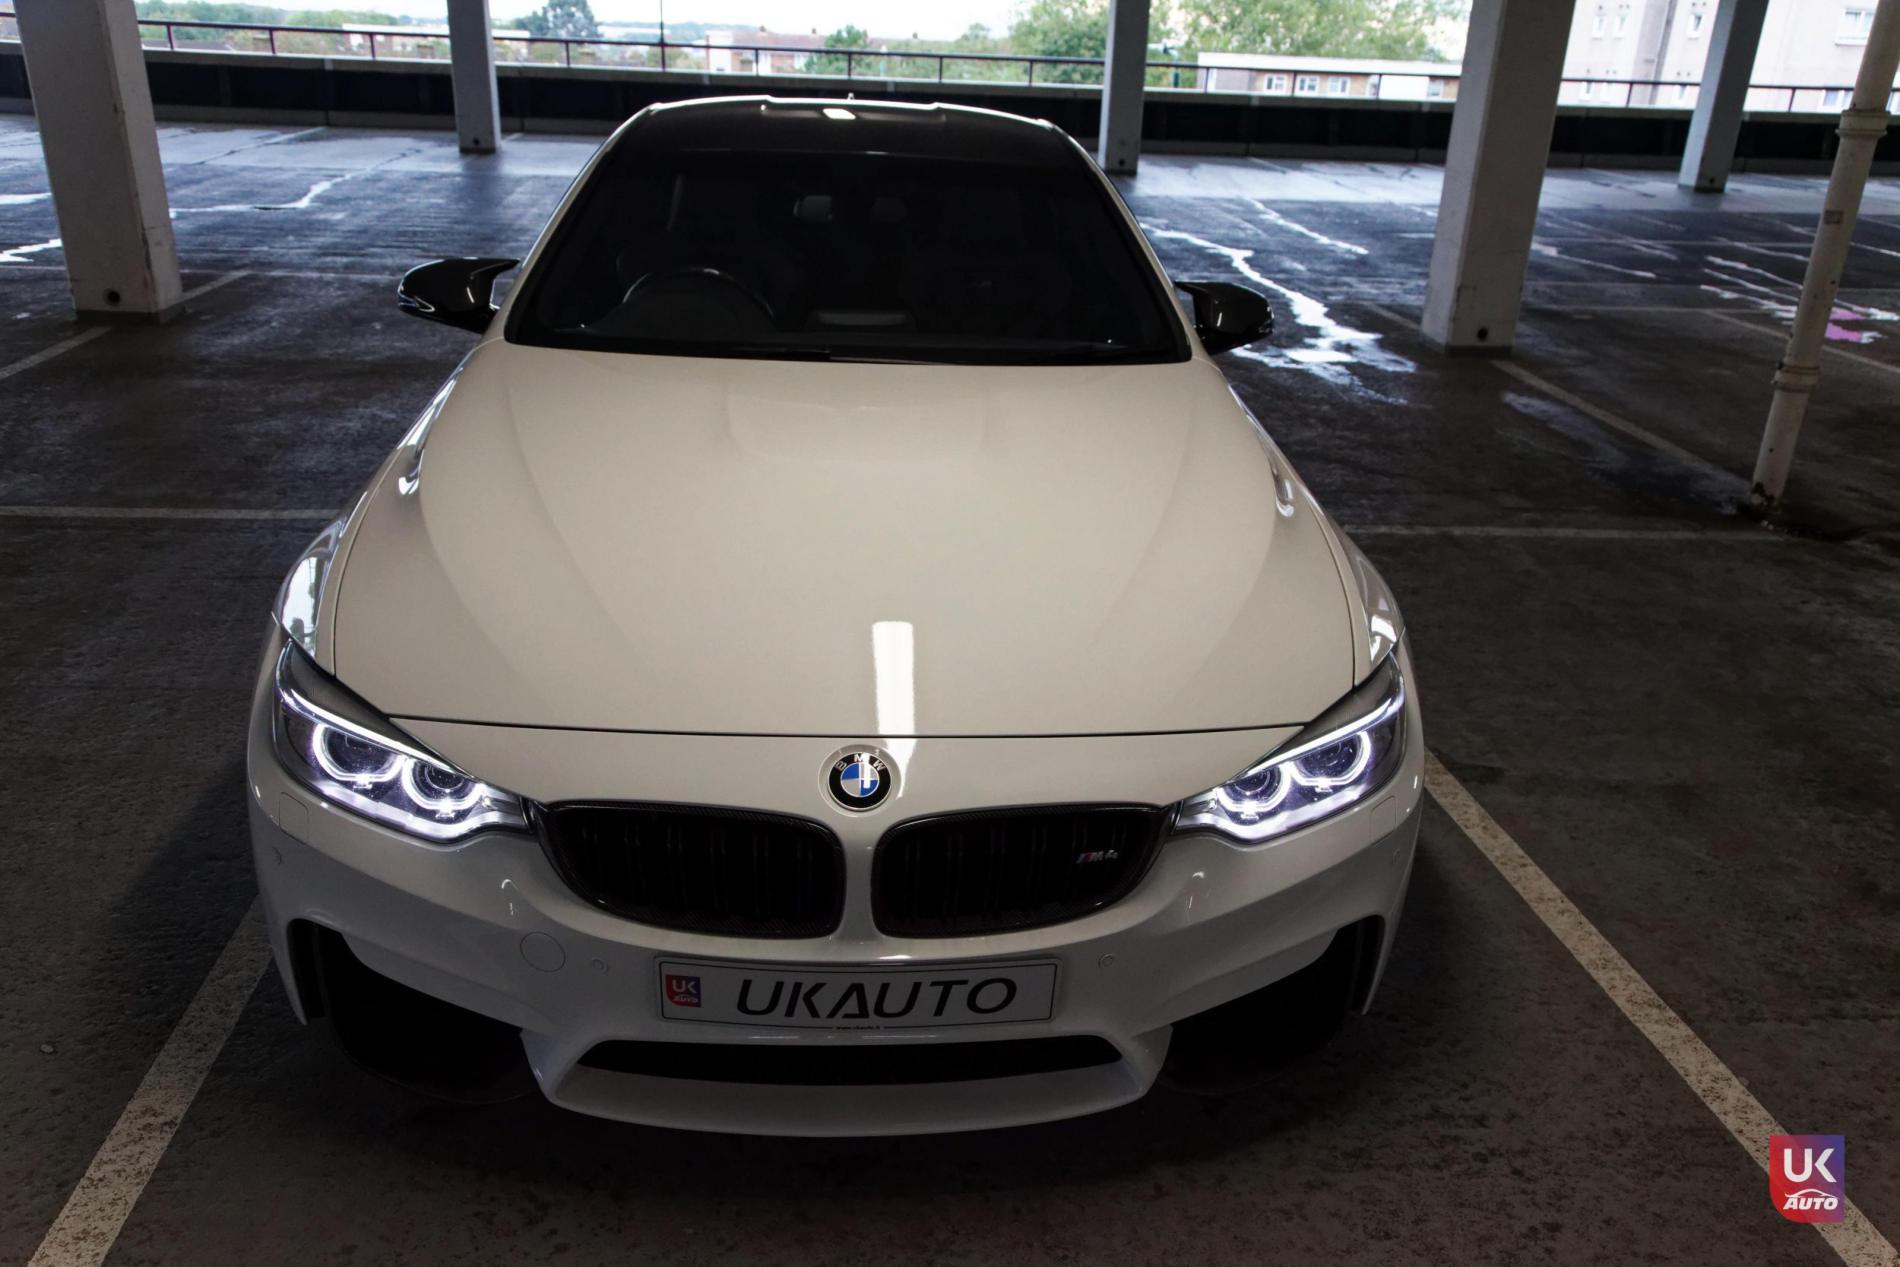 BMW M4 UK IMPORTATION M4 ANGLETERRE LIVRAISON DE CETTE BMW POUR NOTRE CLIENT POUR CETTE M4 RHD PAR UKAUTO12 - BMW M4 UK IMPORTATION M4 ANGLETERRE LIVRAISON DE CETTE BMW POUR NOTRE CLIENT POUR CETTE M4 RHD FELICITATION A FLORIAN